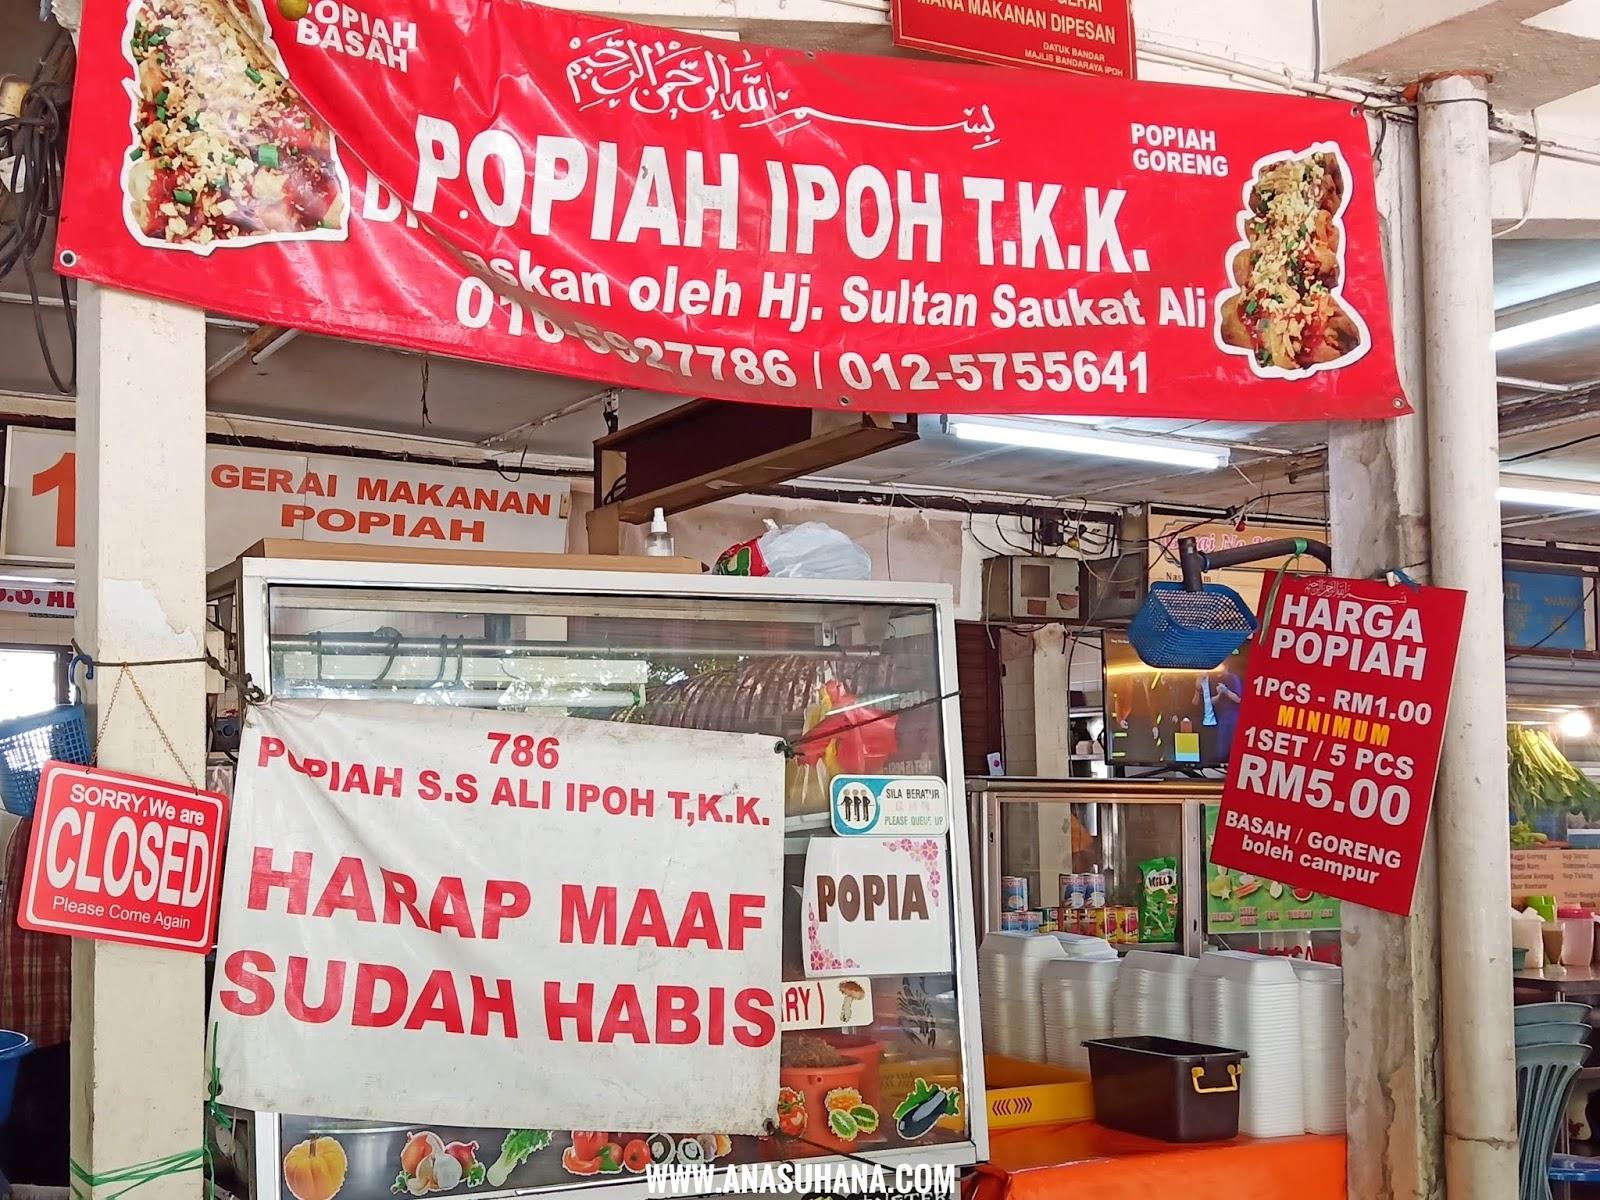 Popiah SS Ali Popiah TKK Ipoh